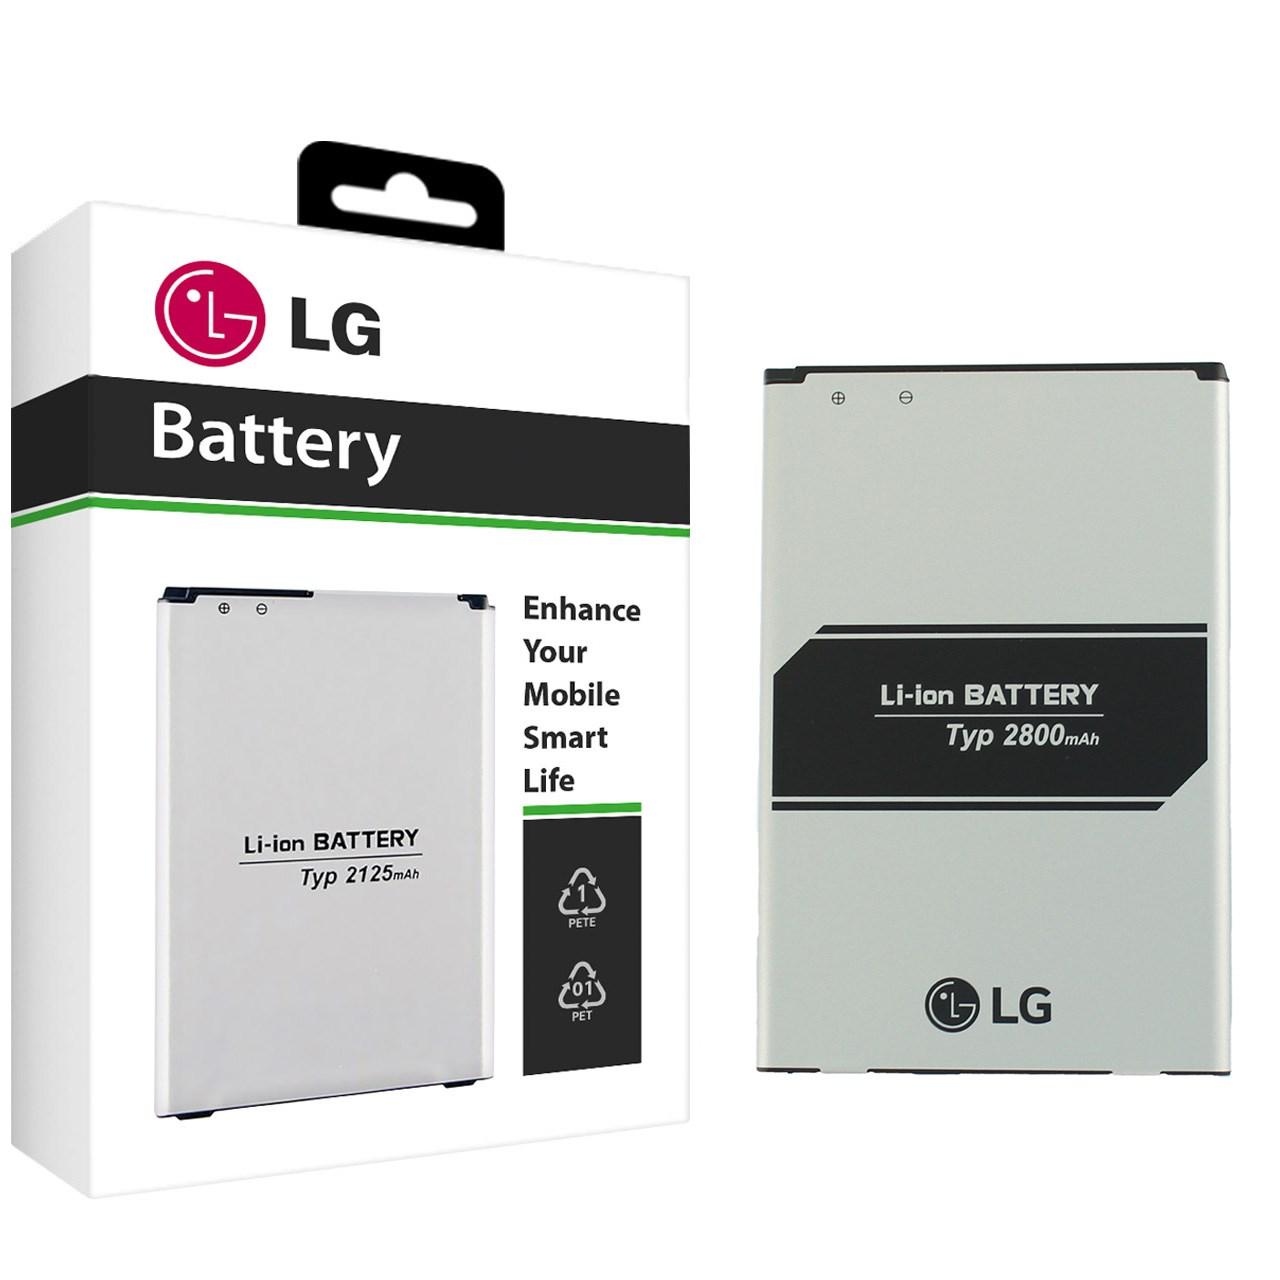 باتری موبایل مدل BL-46G1F با ظرفیت 2800mAh مناسب برای گوشی موبایل ال جی K10 2017